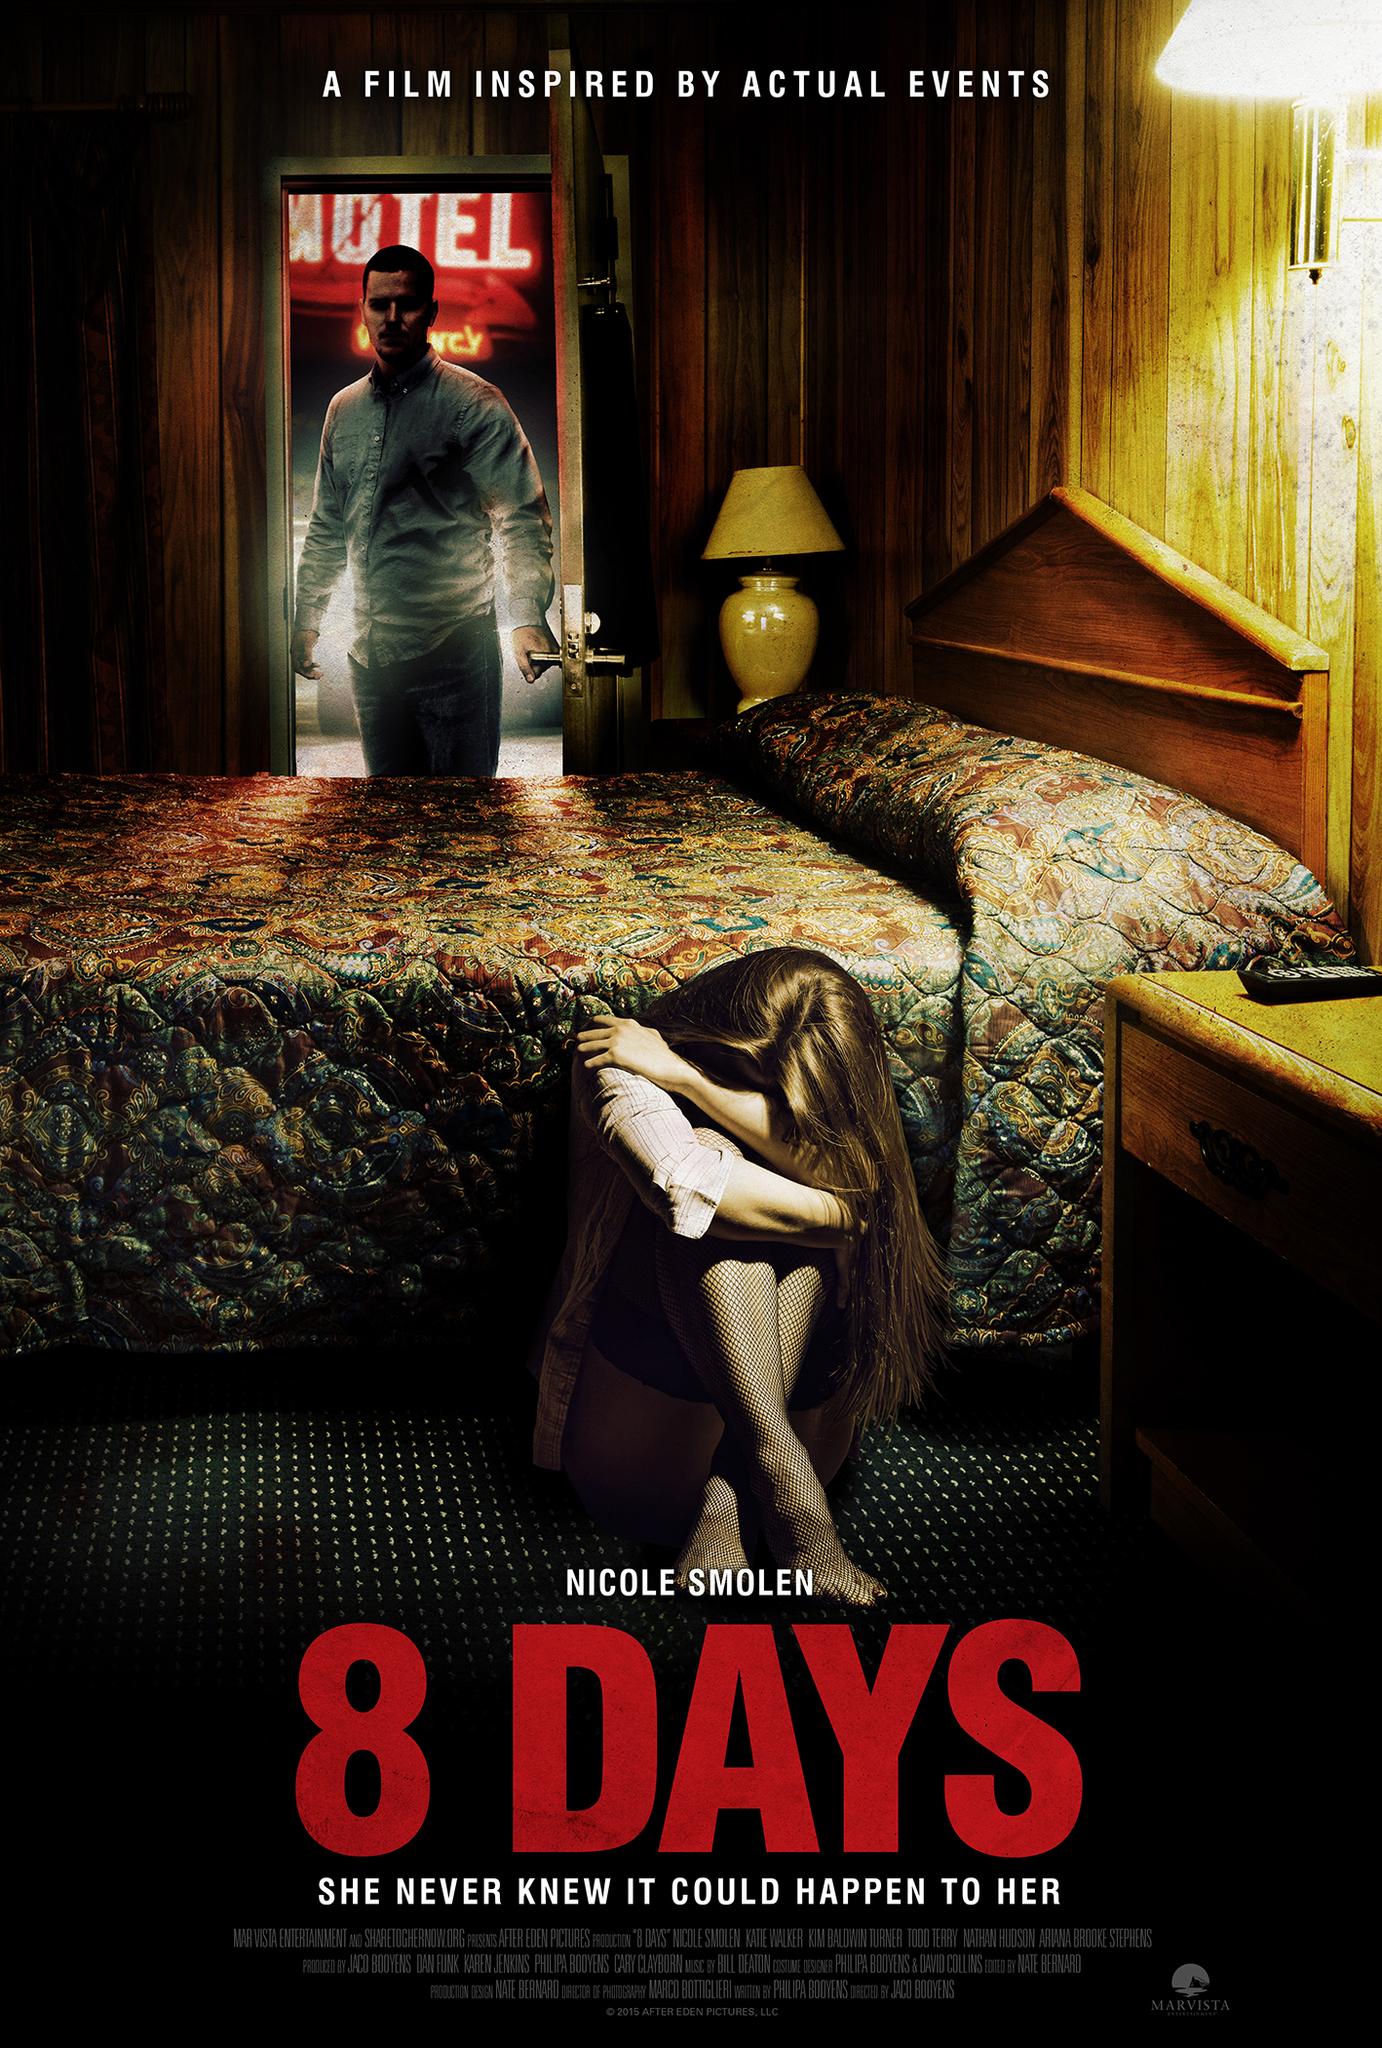 Nicole Smolen in 8 Days (2014)